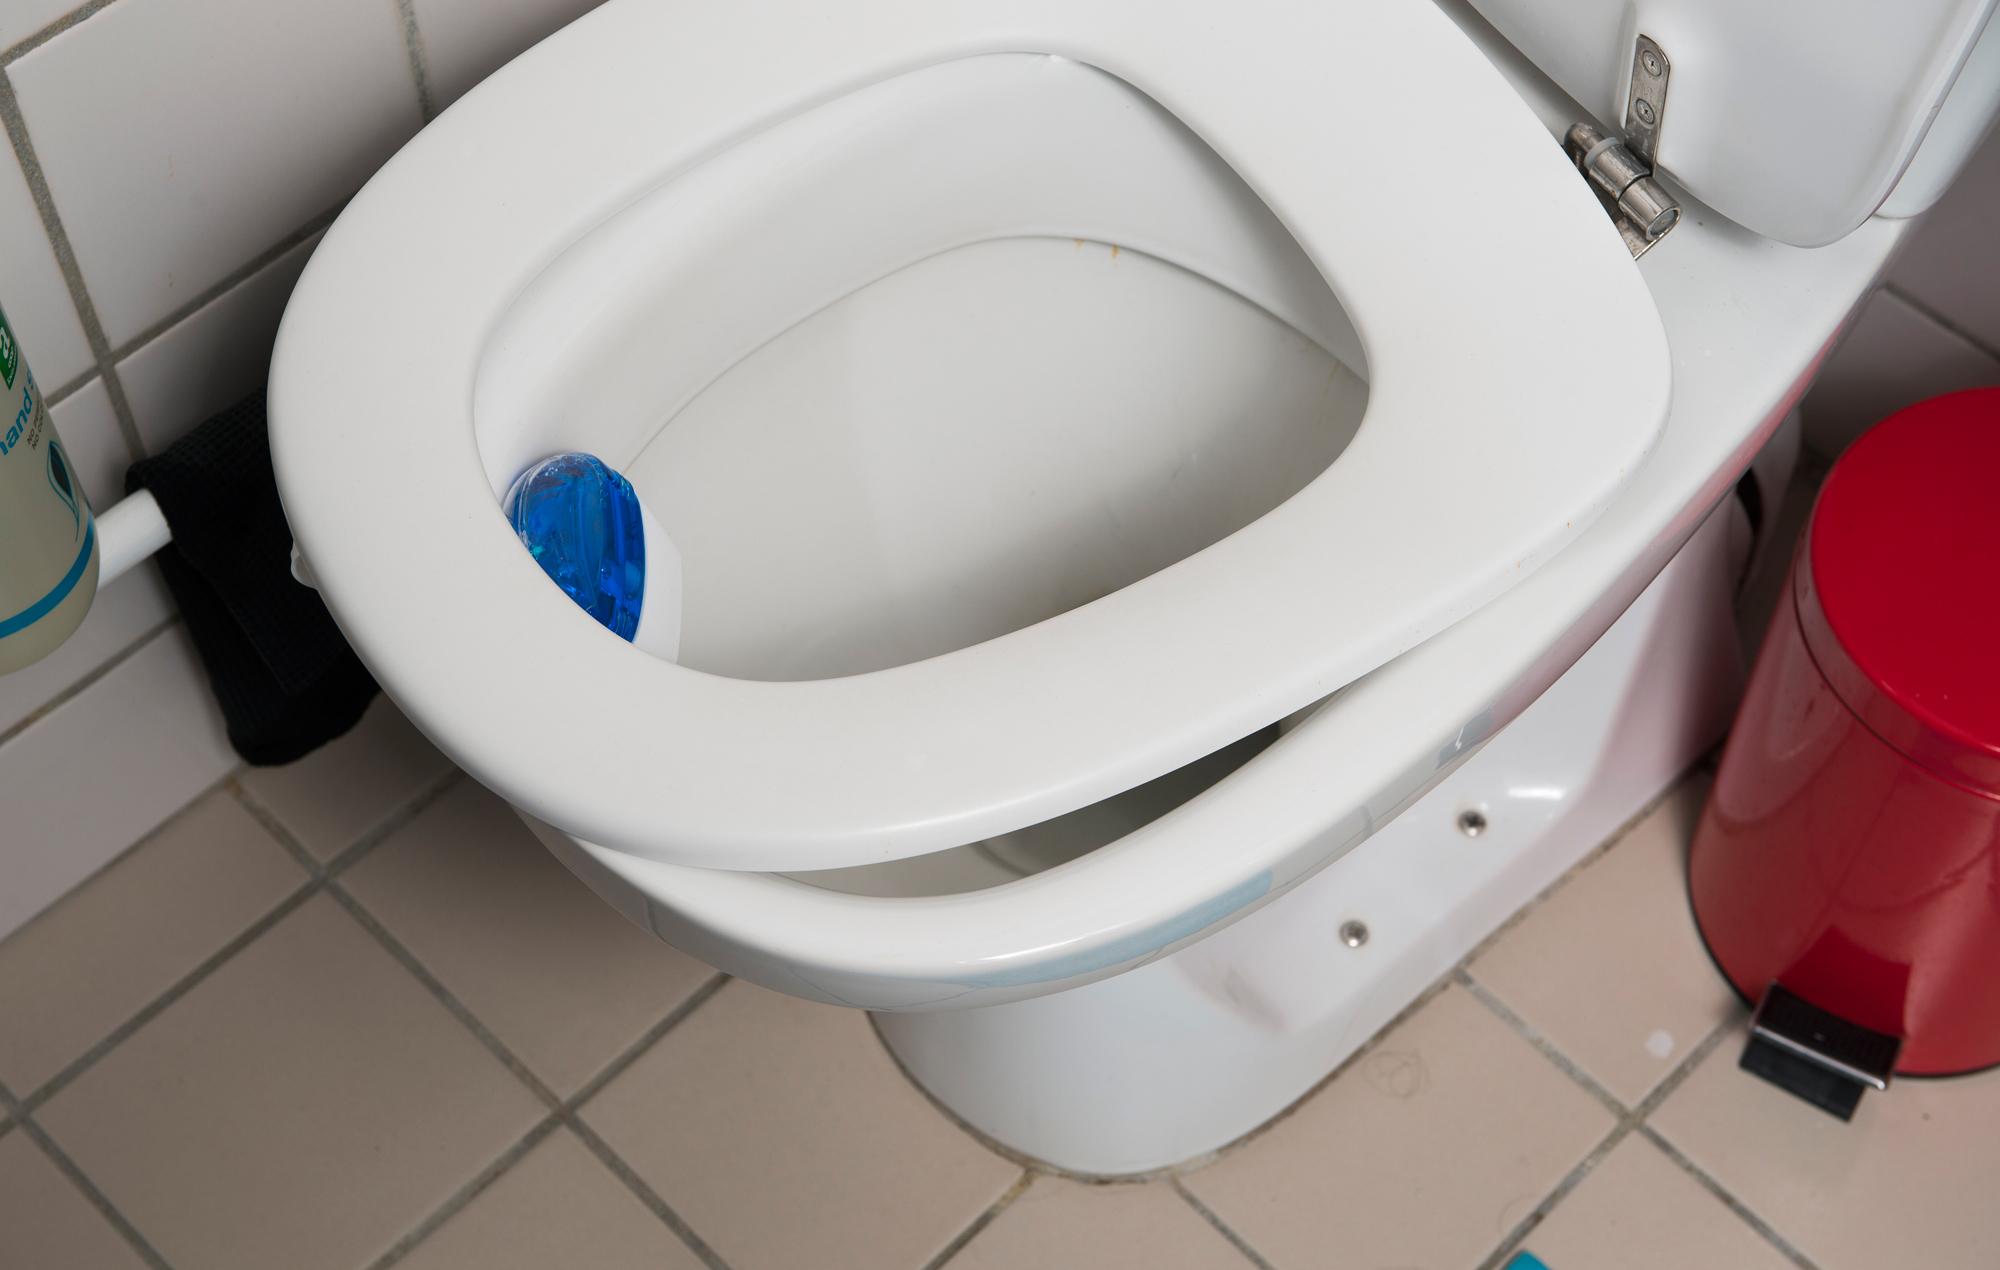 #064383 Dette års Gør Det Selv: Sådan Får Du Toiletbrættet Til At Sidde Lige Gør Det Selv Kalender 2016 5561 200012705561